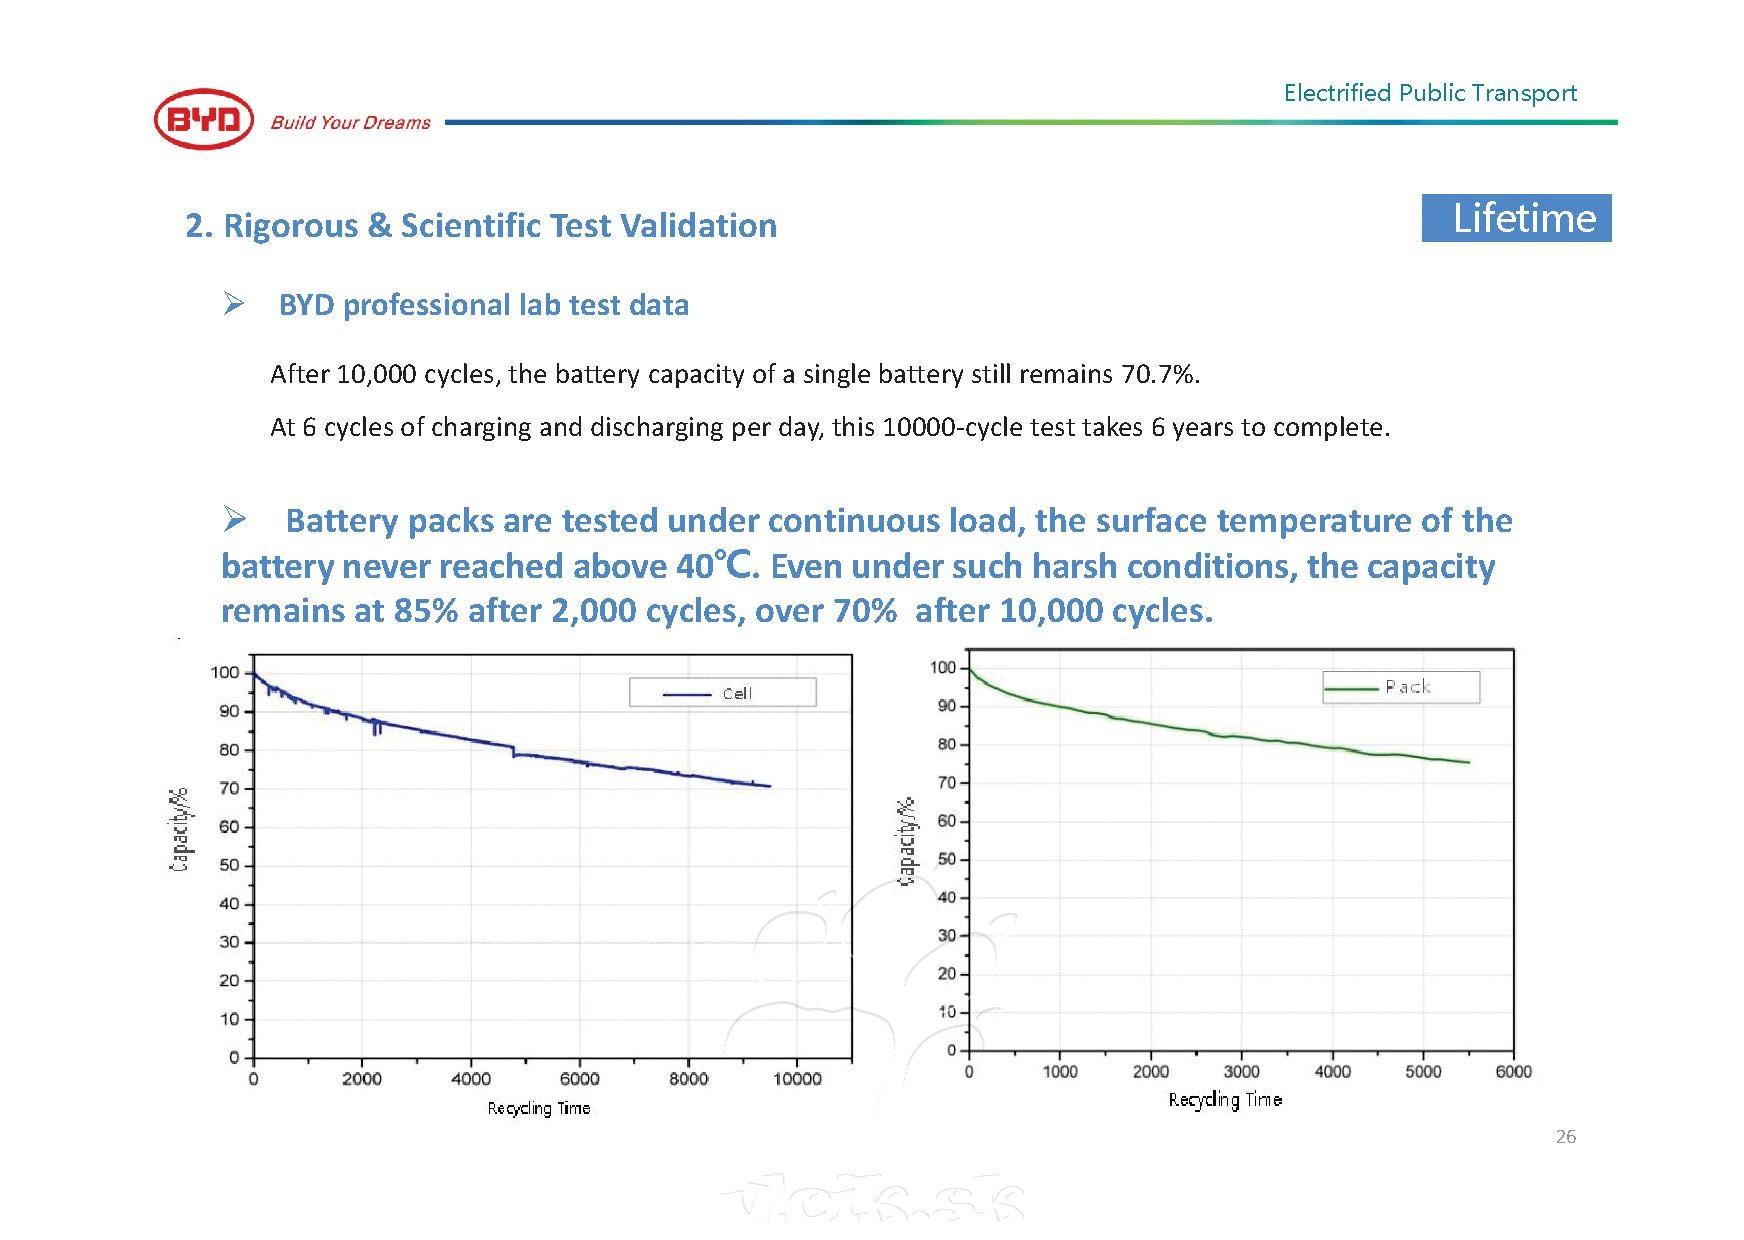 počet cyklov a životnosť batérií z produkcie BYD